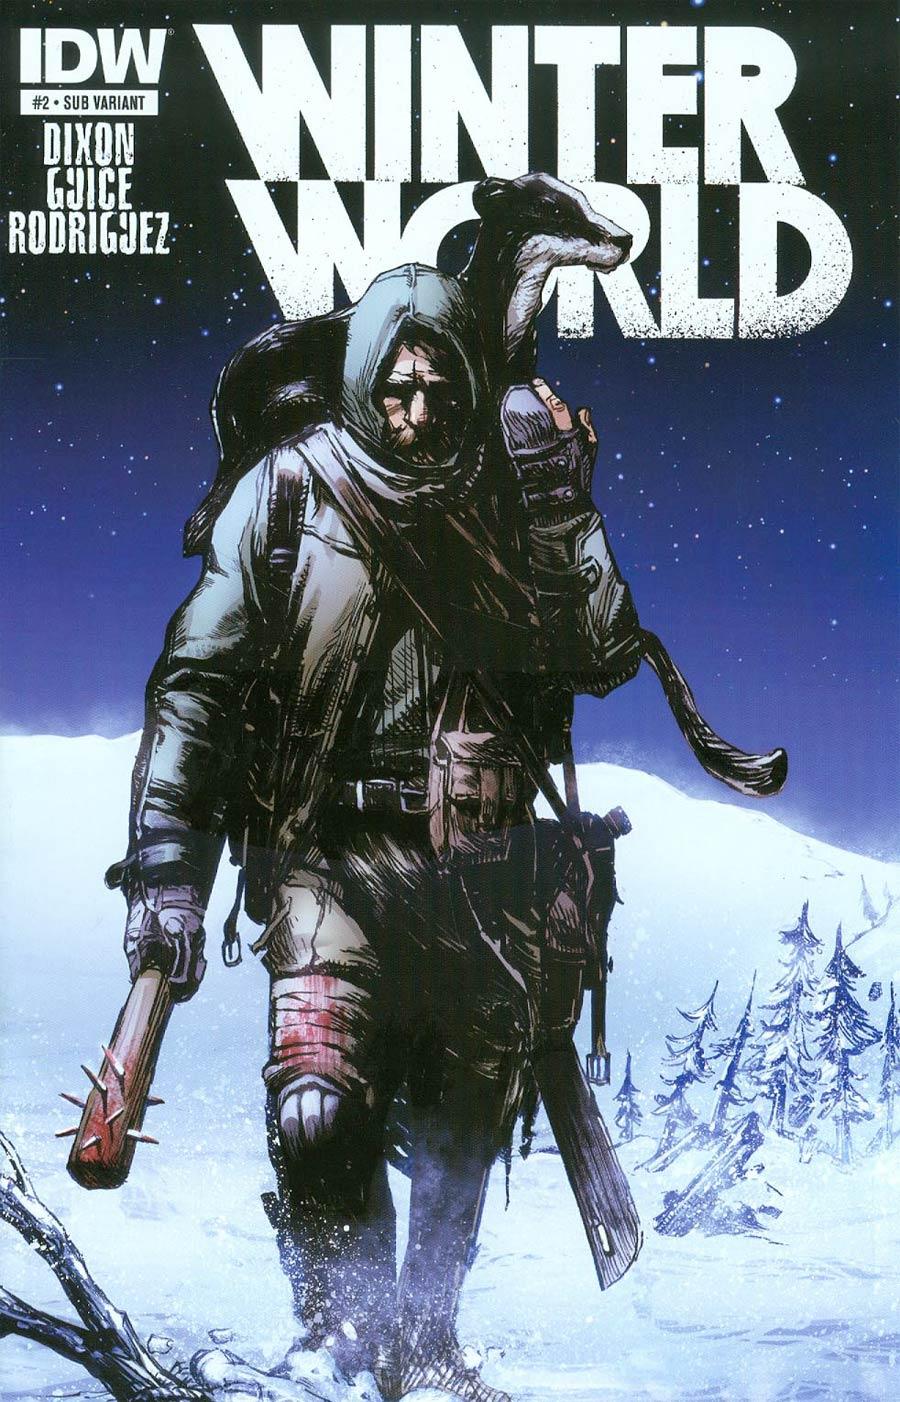 Winterworld Vol 2 #2 Cover B Variant Gerardo Zaffino Subscription Cover